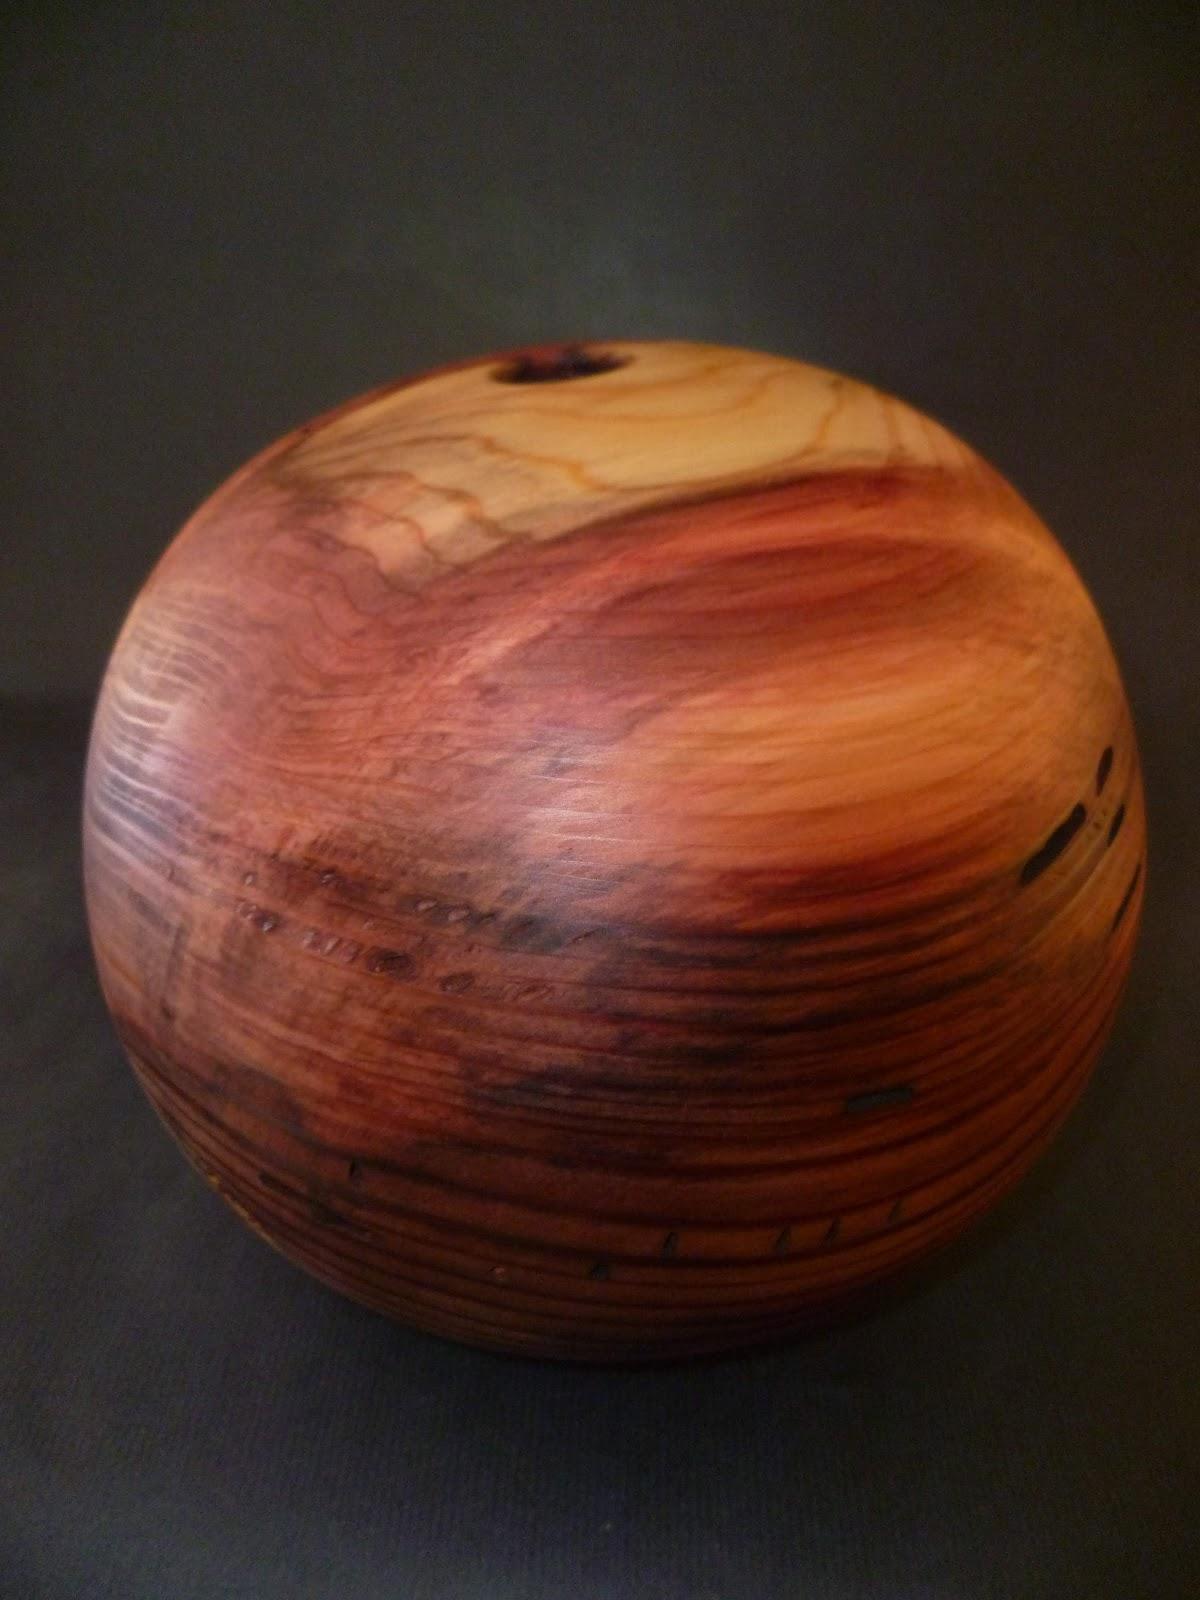 Caractéristique Du Bois - Atelier du Bois Tourné Woodturning Design juillet 2013